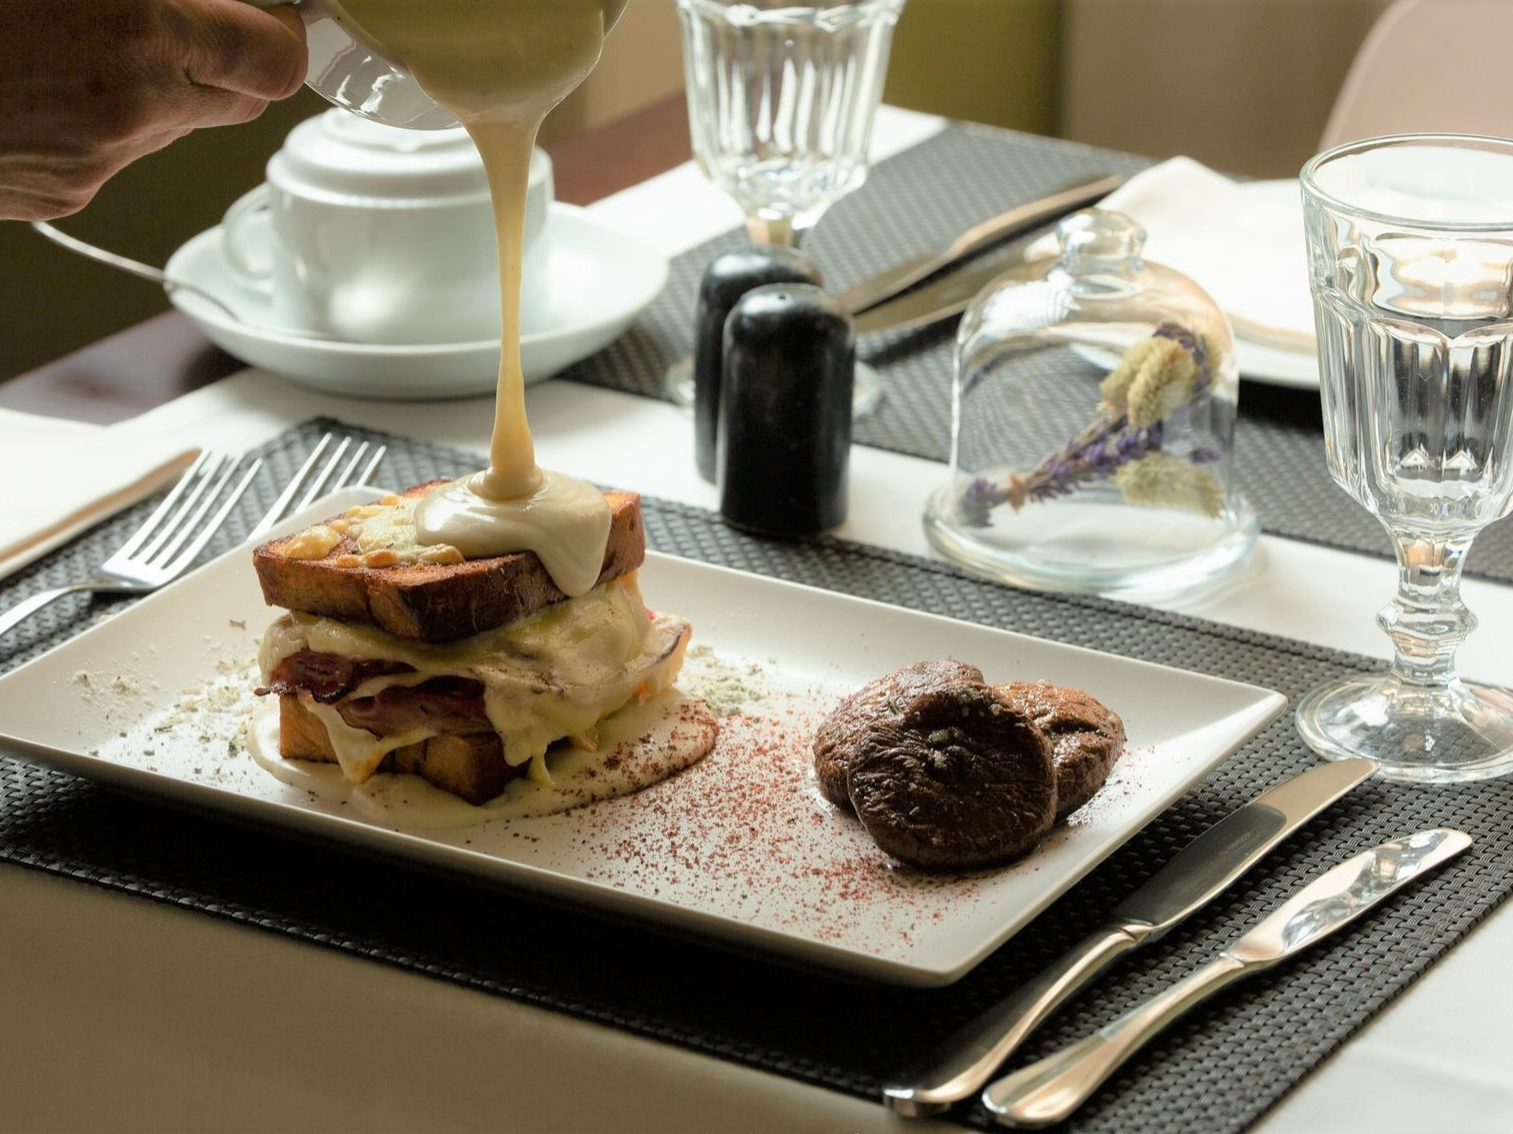 breakfast sandwich from Hotel Alegria